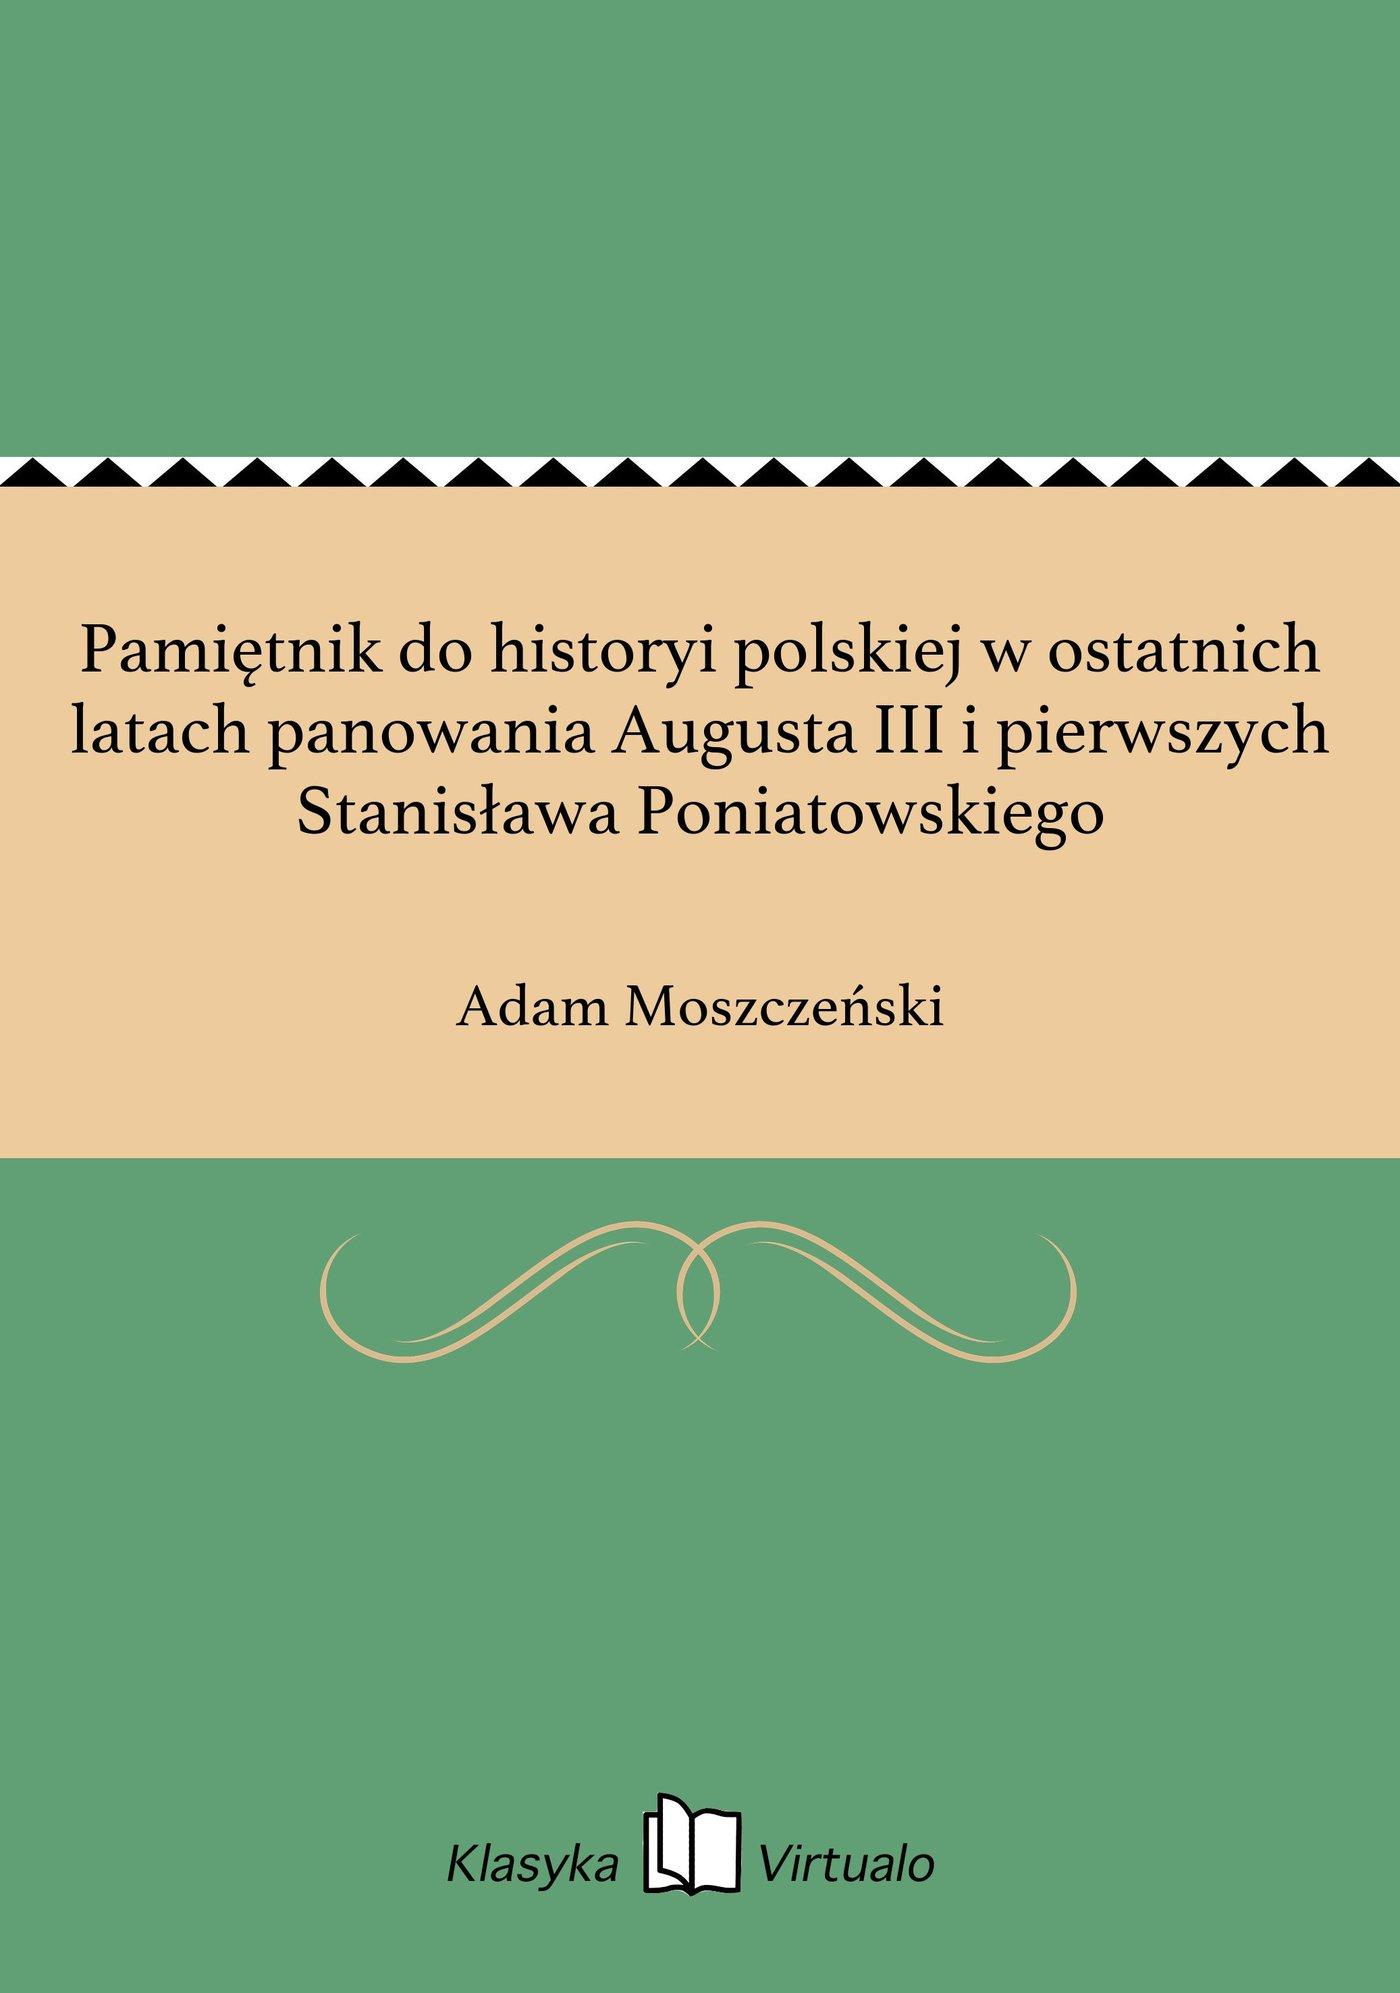 Pamiętnik do historyi polskiej w ostatnich latach panowania Augusta III i pierwszych Stanisława Poniatowskiego - Ebook (Książka EPUB) do pobrania w formacie EPUB